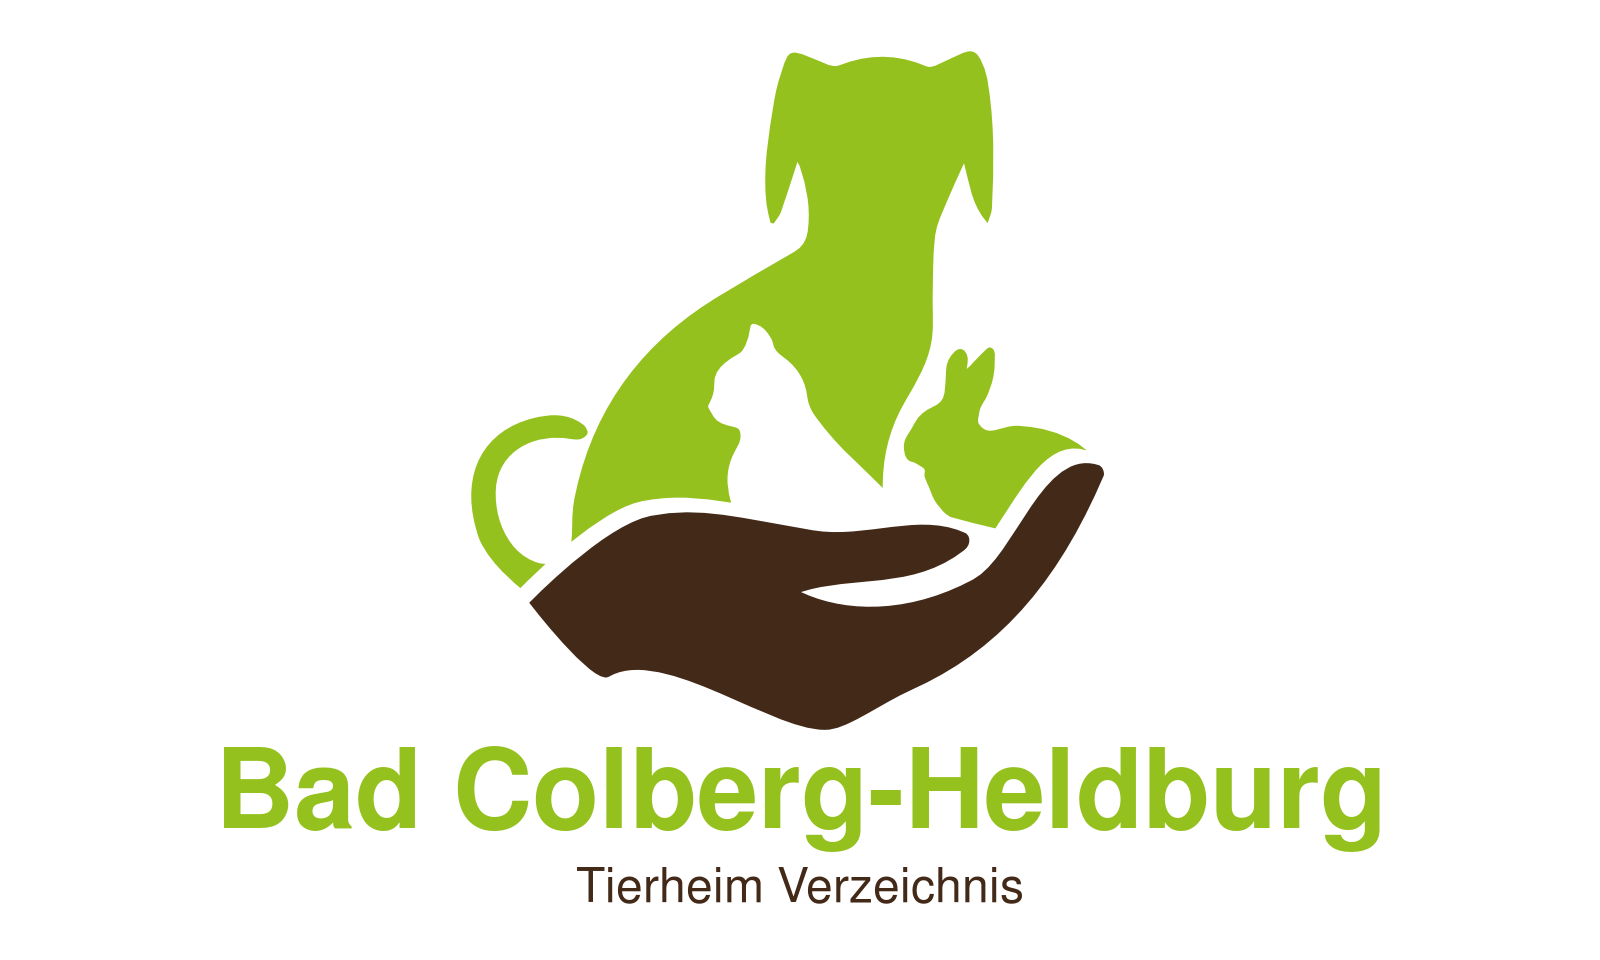 Tierheim Bad Colberg-Heldburg